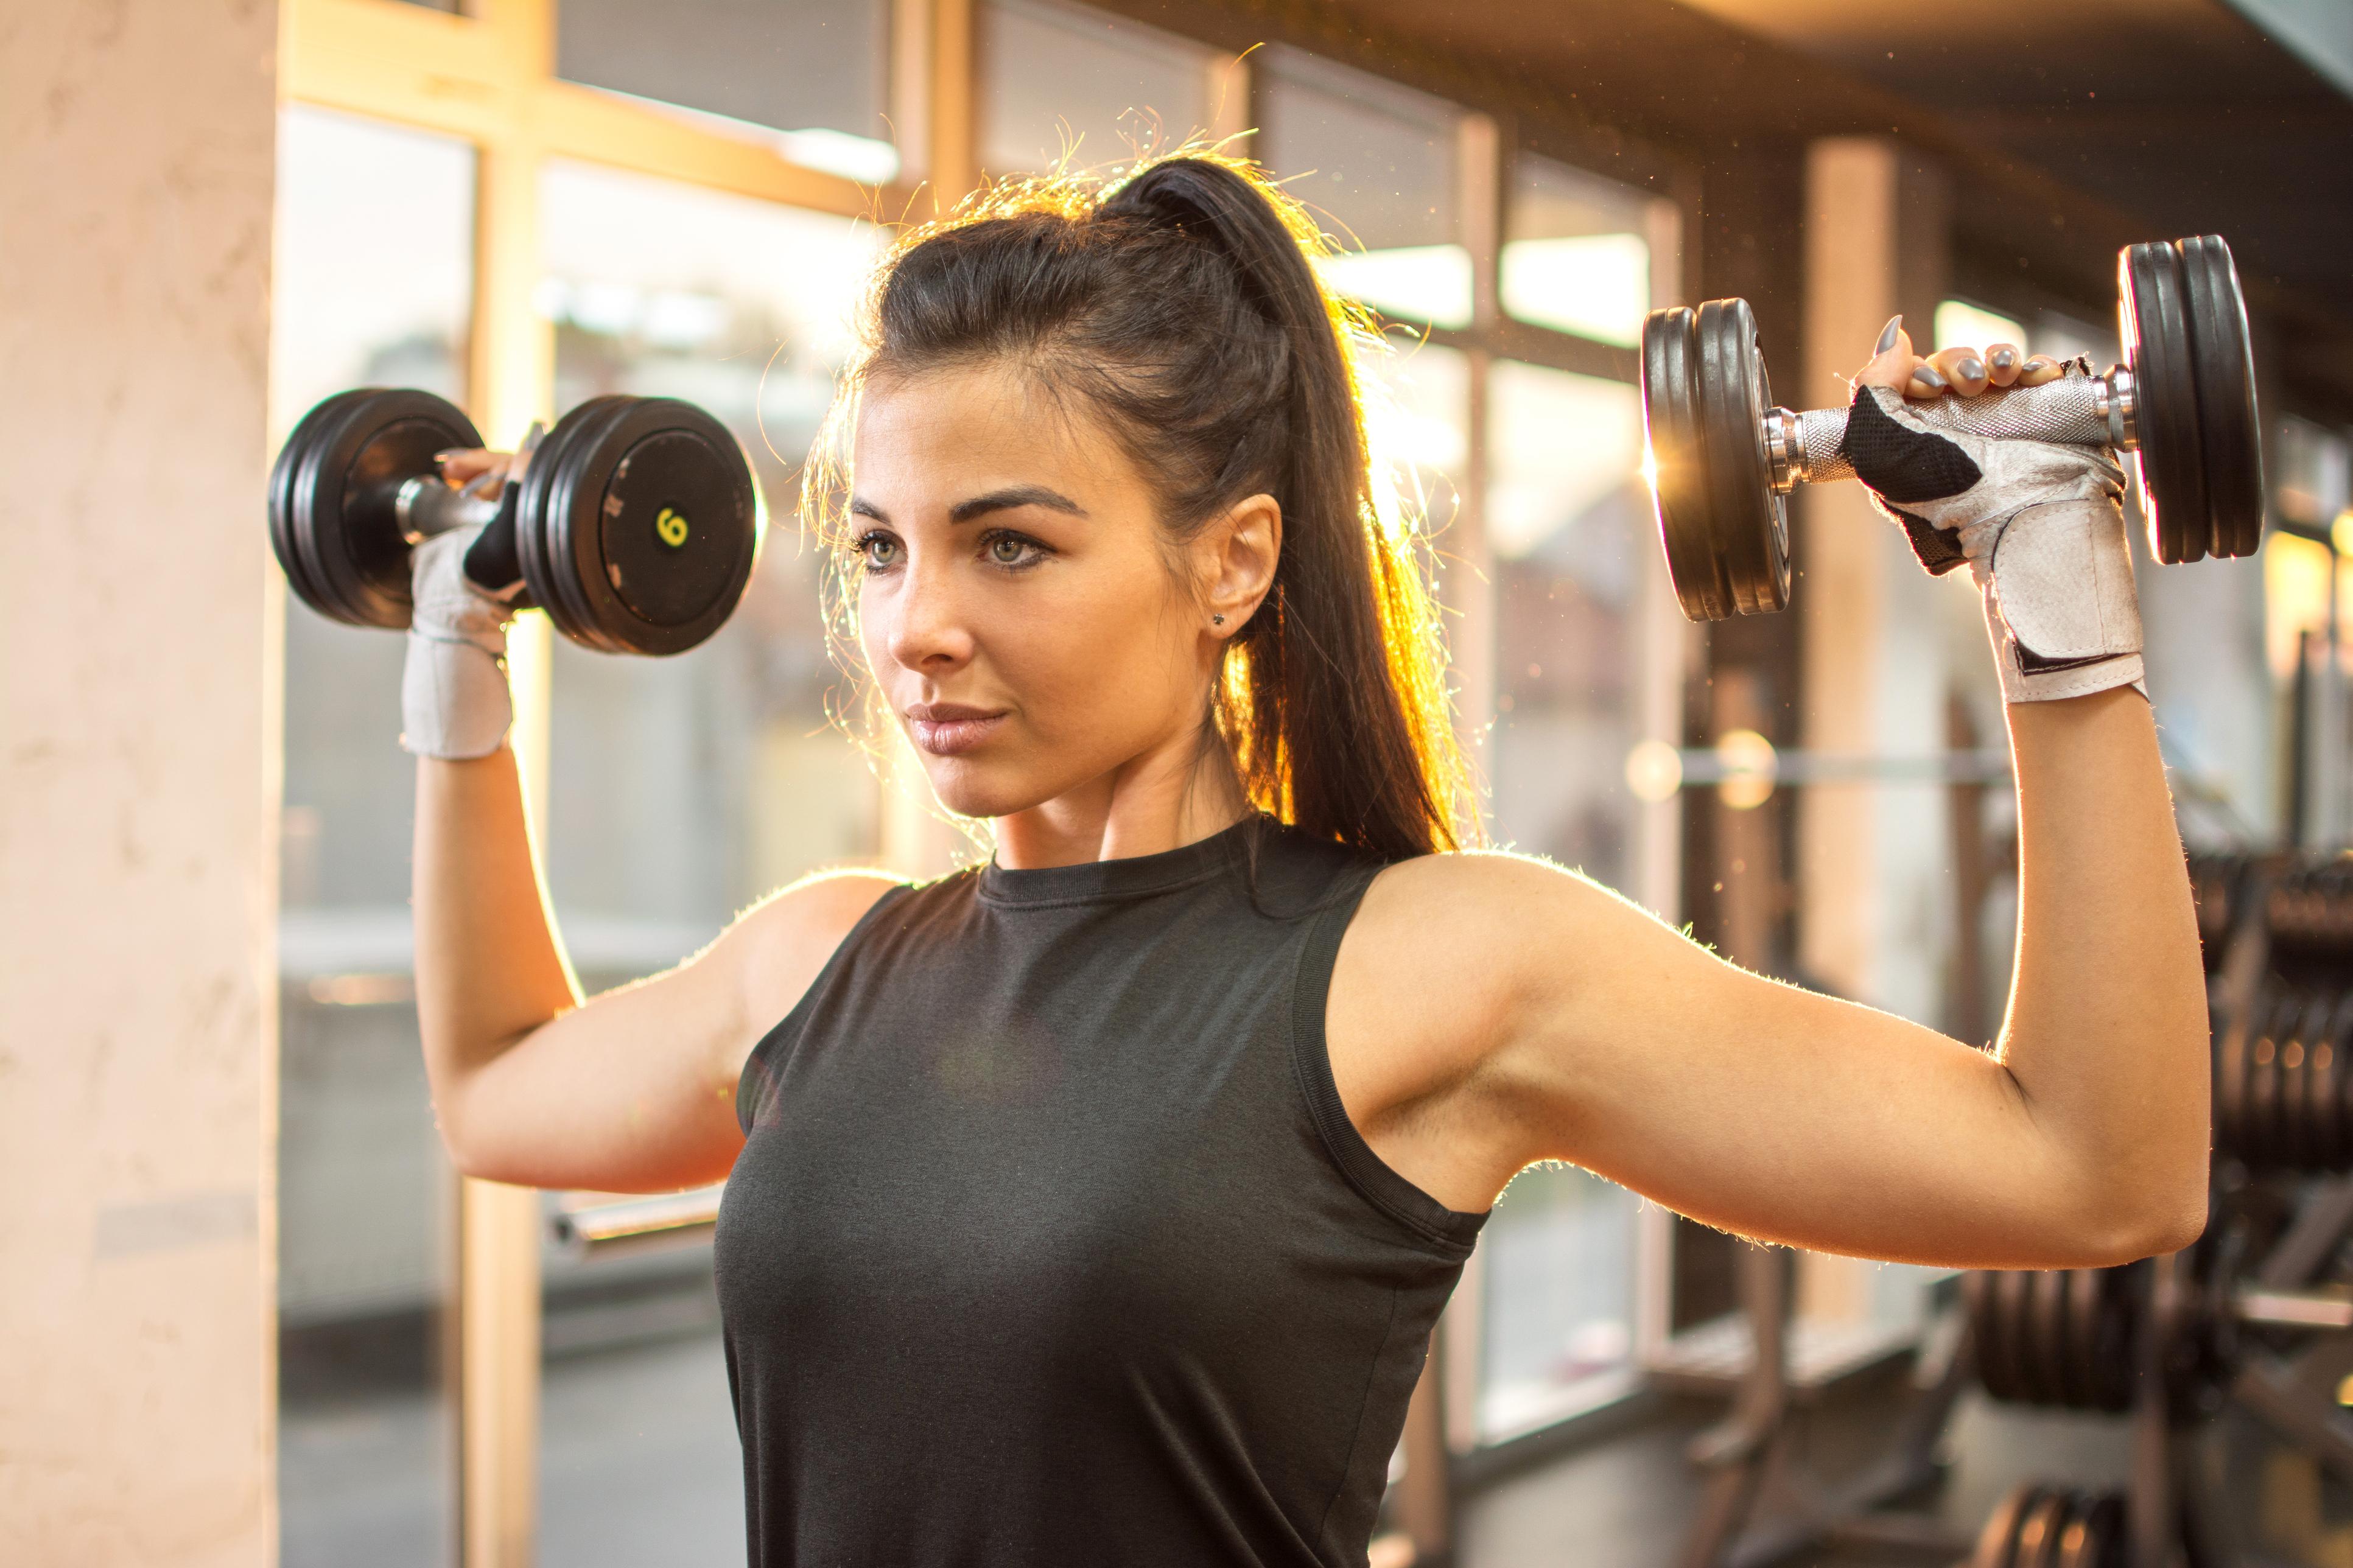 Mulher treinando musculação com halteres na academia